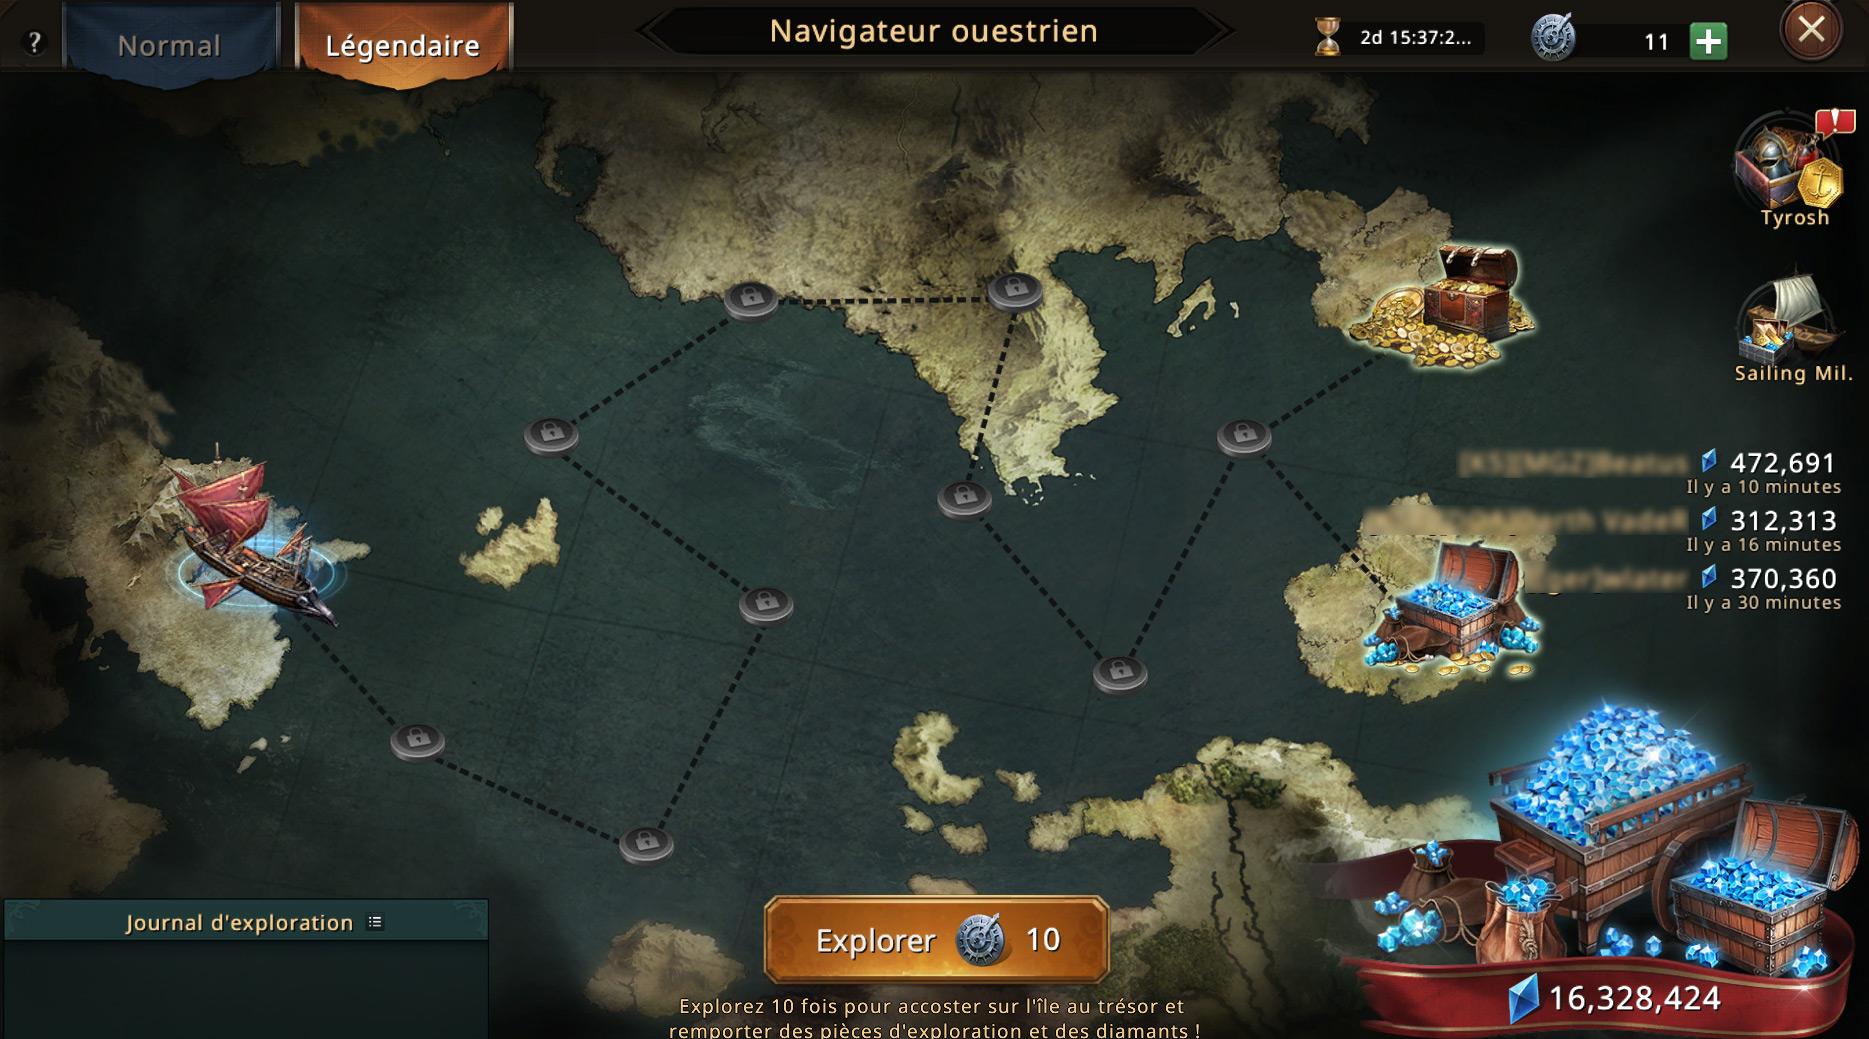 Carte du navigateur ouestrien légendaire